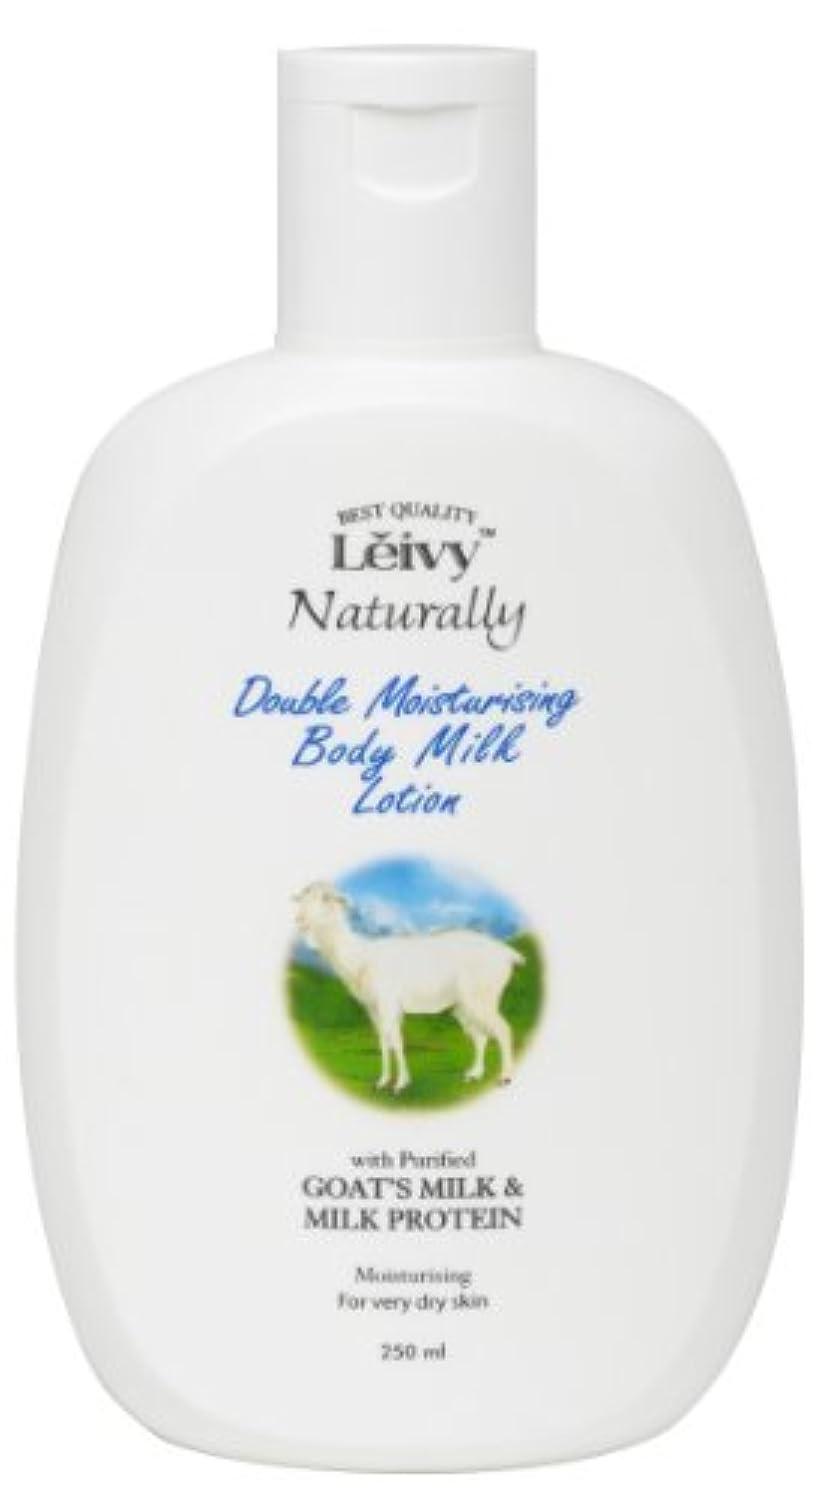 蒸特殊守銭奴Leivy(レイヴィー) ボディローション ゴートミルク&ミルクプロテイン 250ml